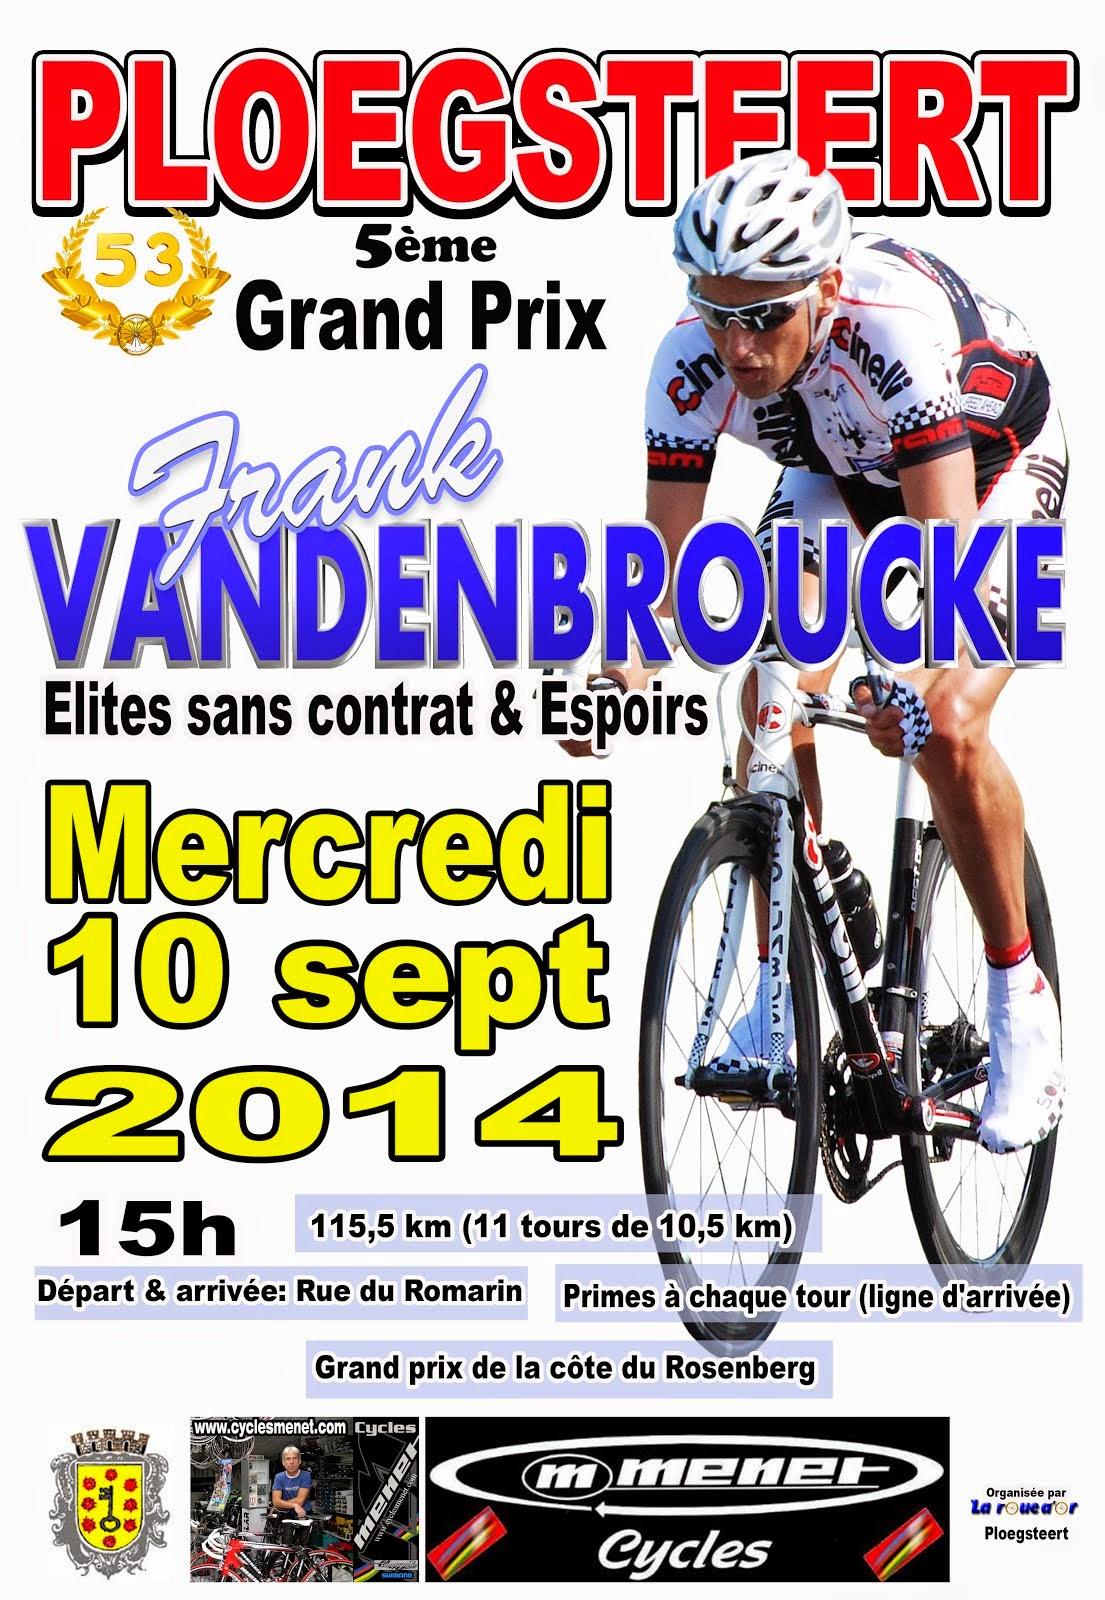 10 septembre Ploegsteert Grand Prix Frank VANDENBROUCKE